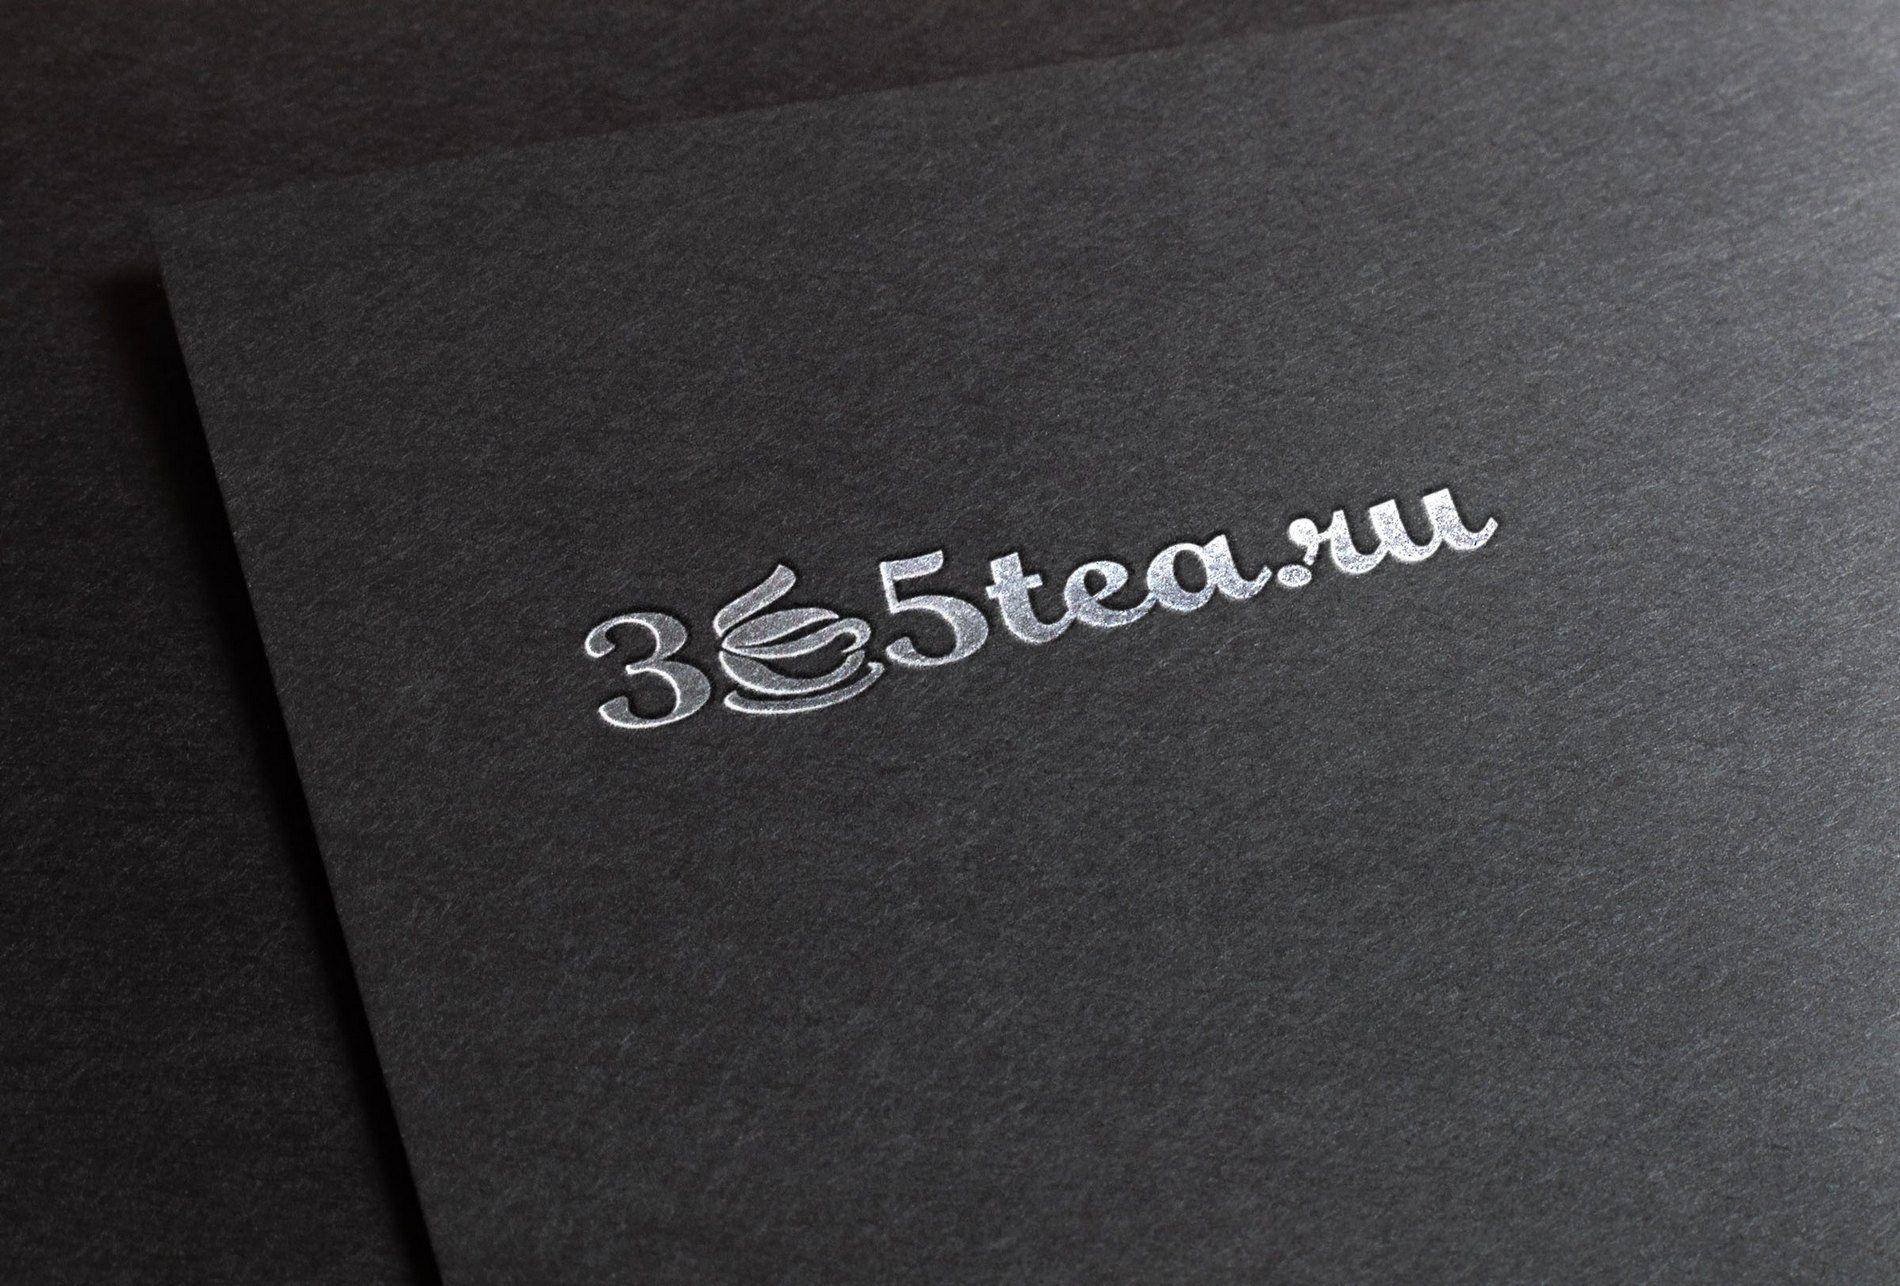 Логотип для 365tea.ru или 365TEA.RU - дизайнер georgian